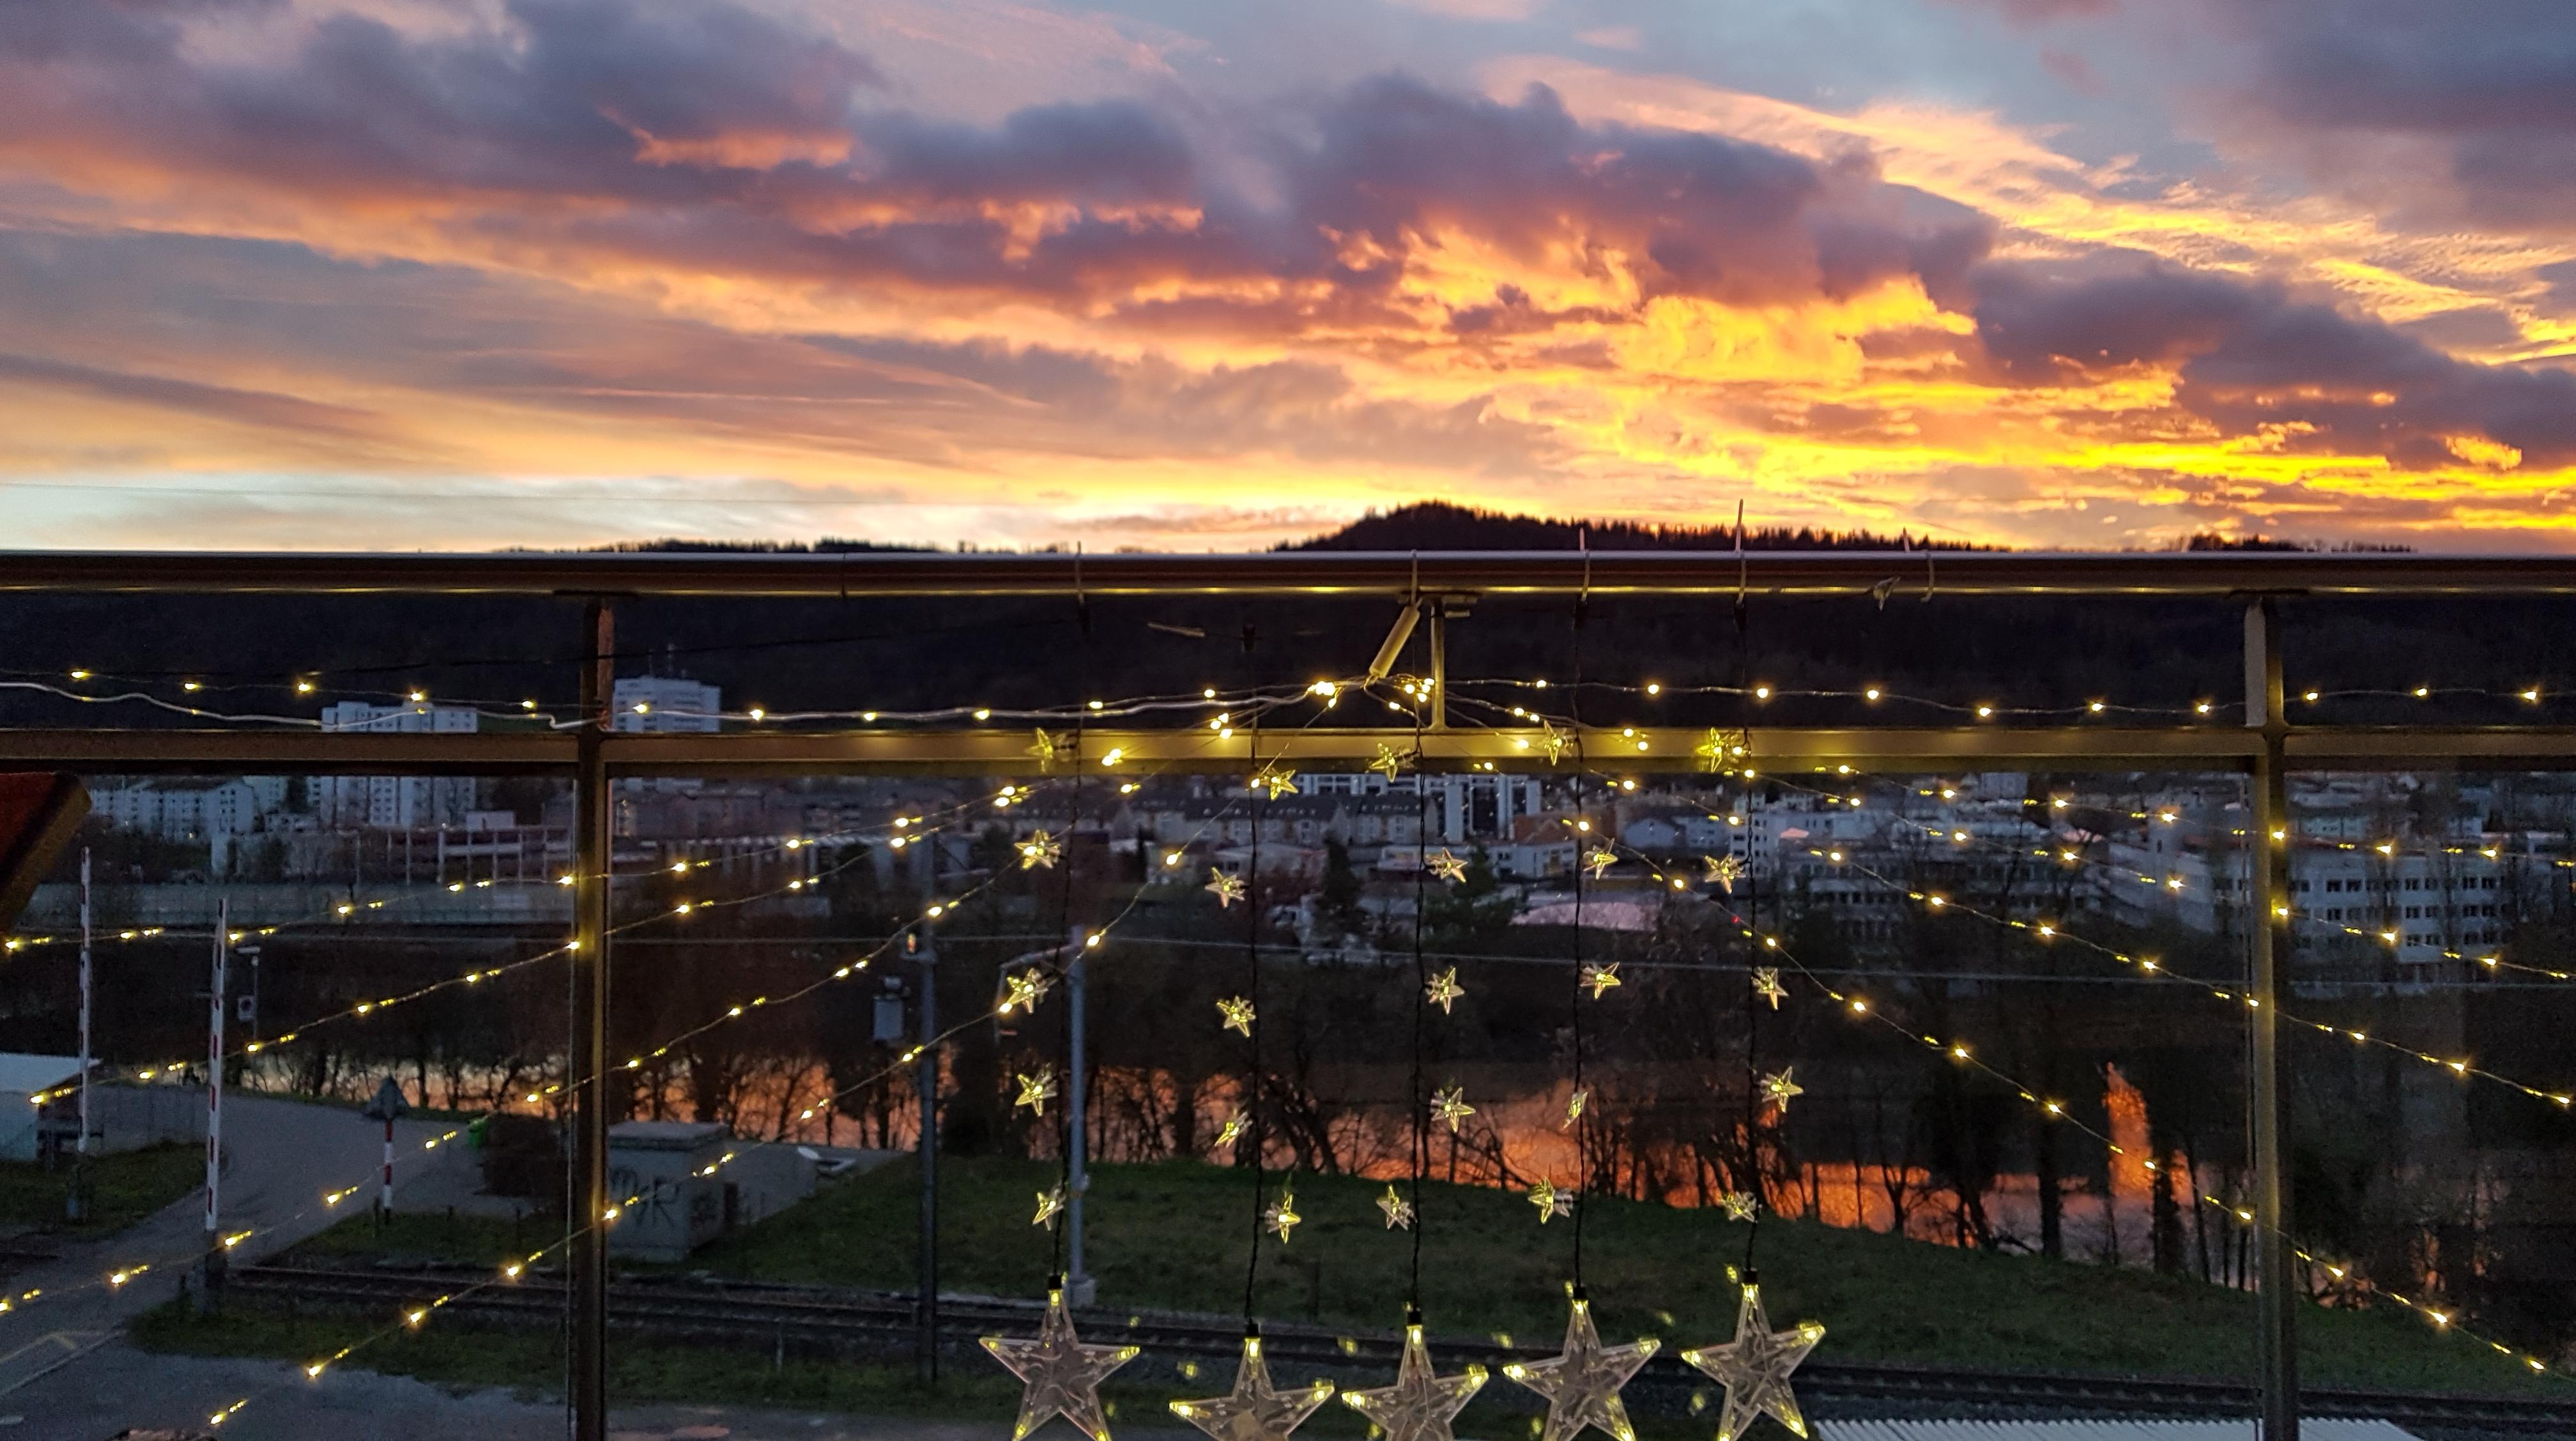 Blick auf das Abendrot mit Weihnachtsbeleuchtung